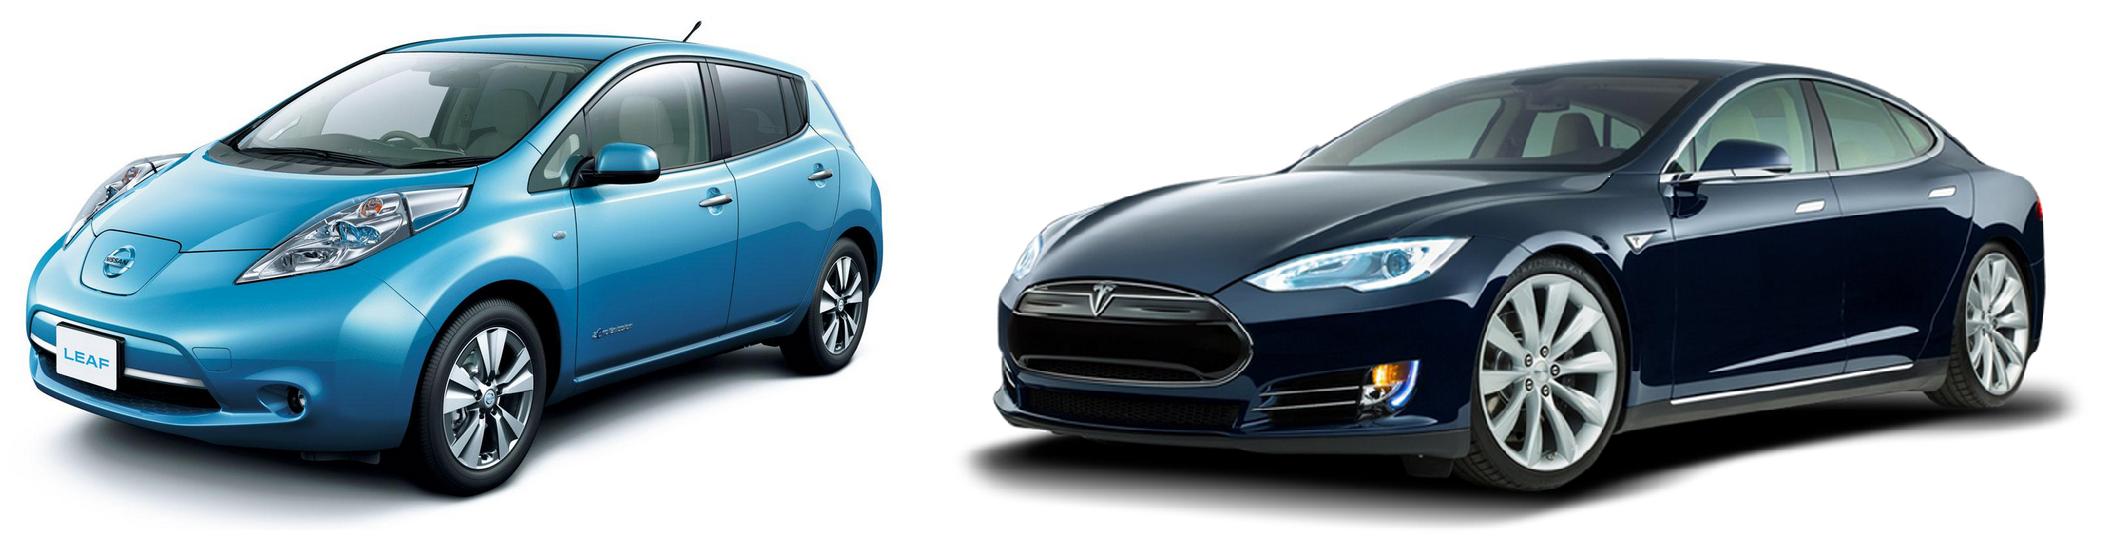 Tesla Nissan Leaf